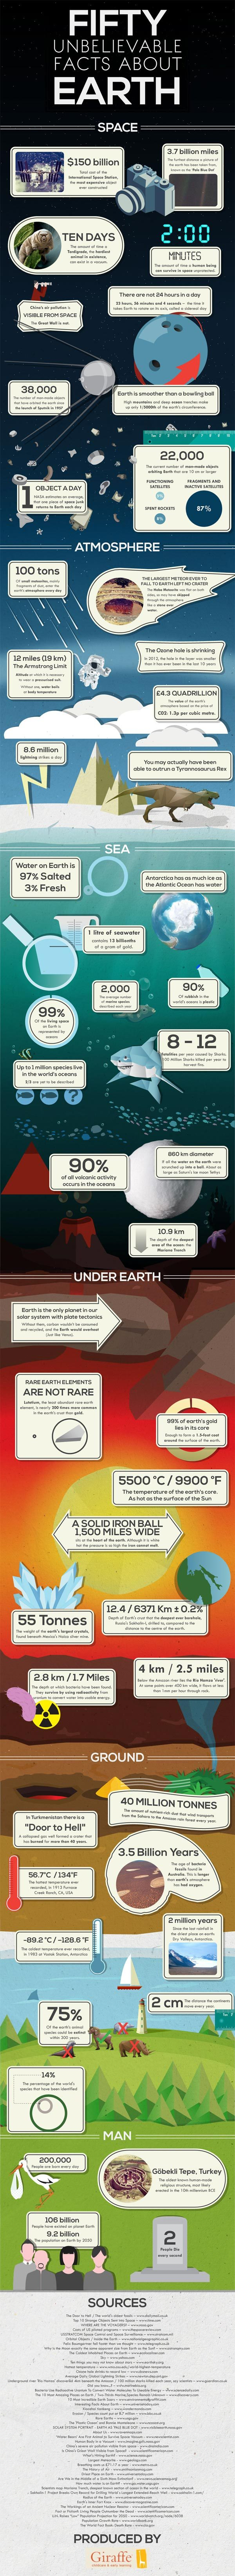 Infographie - 150 faits surprenants au sujet de la Terre